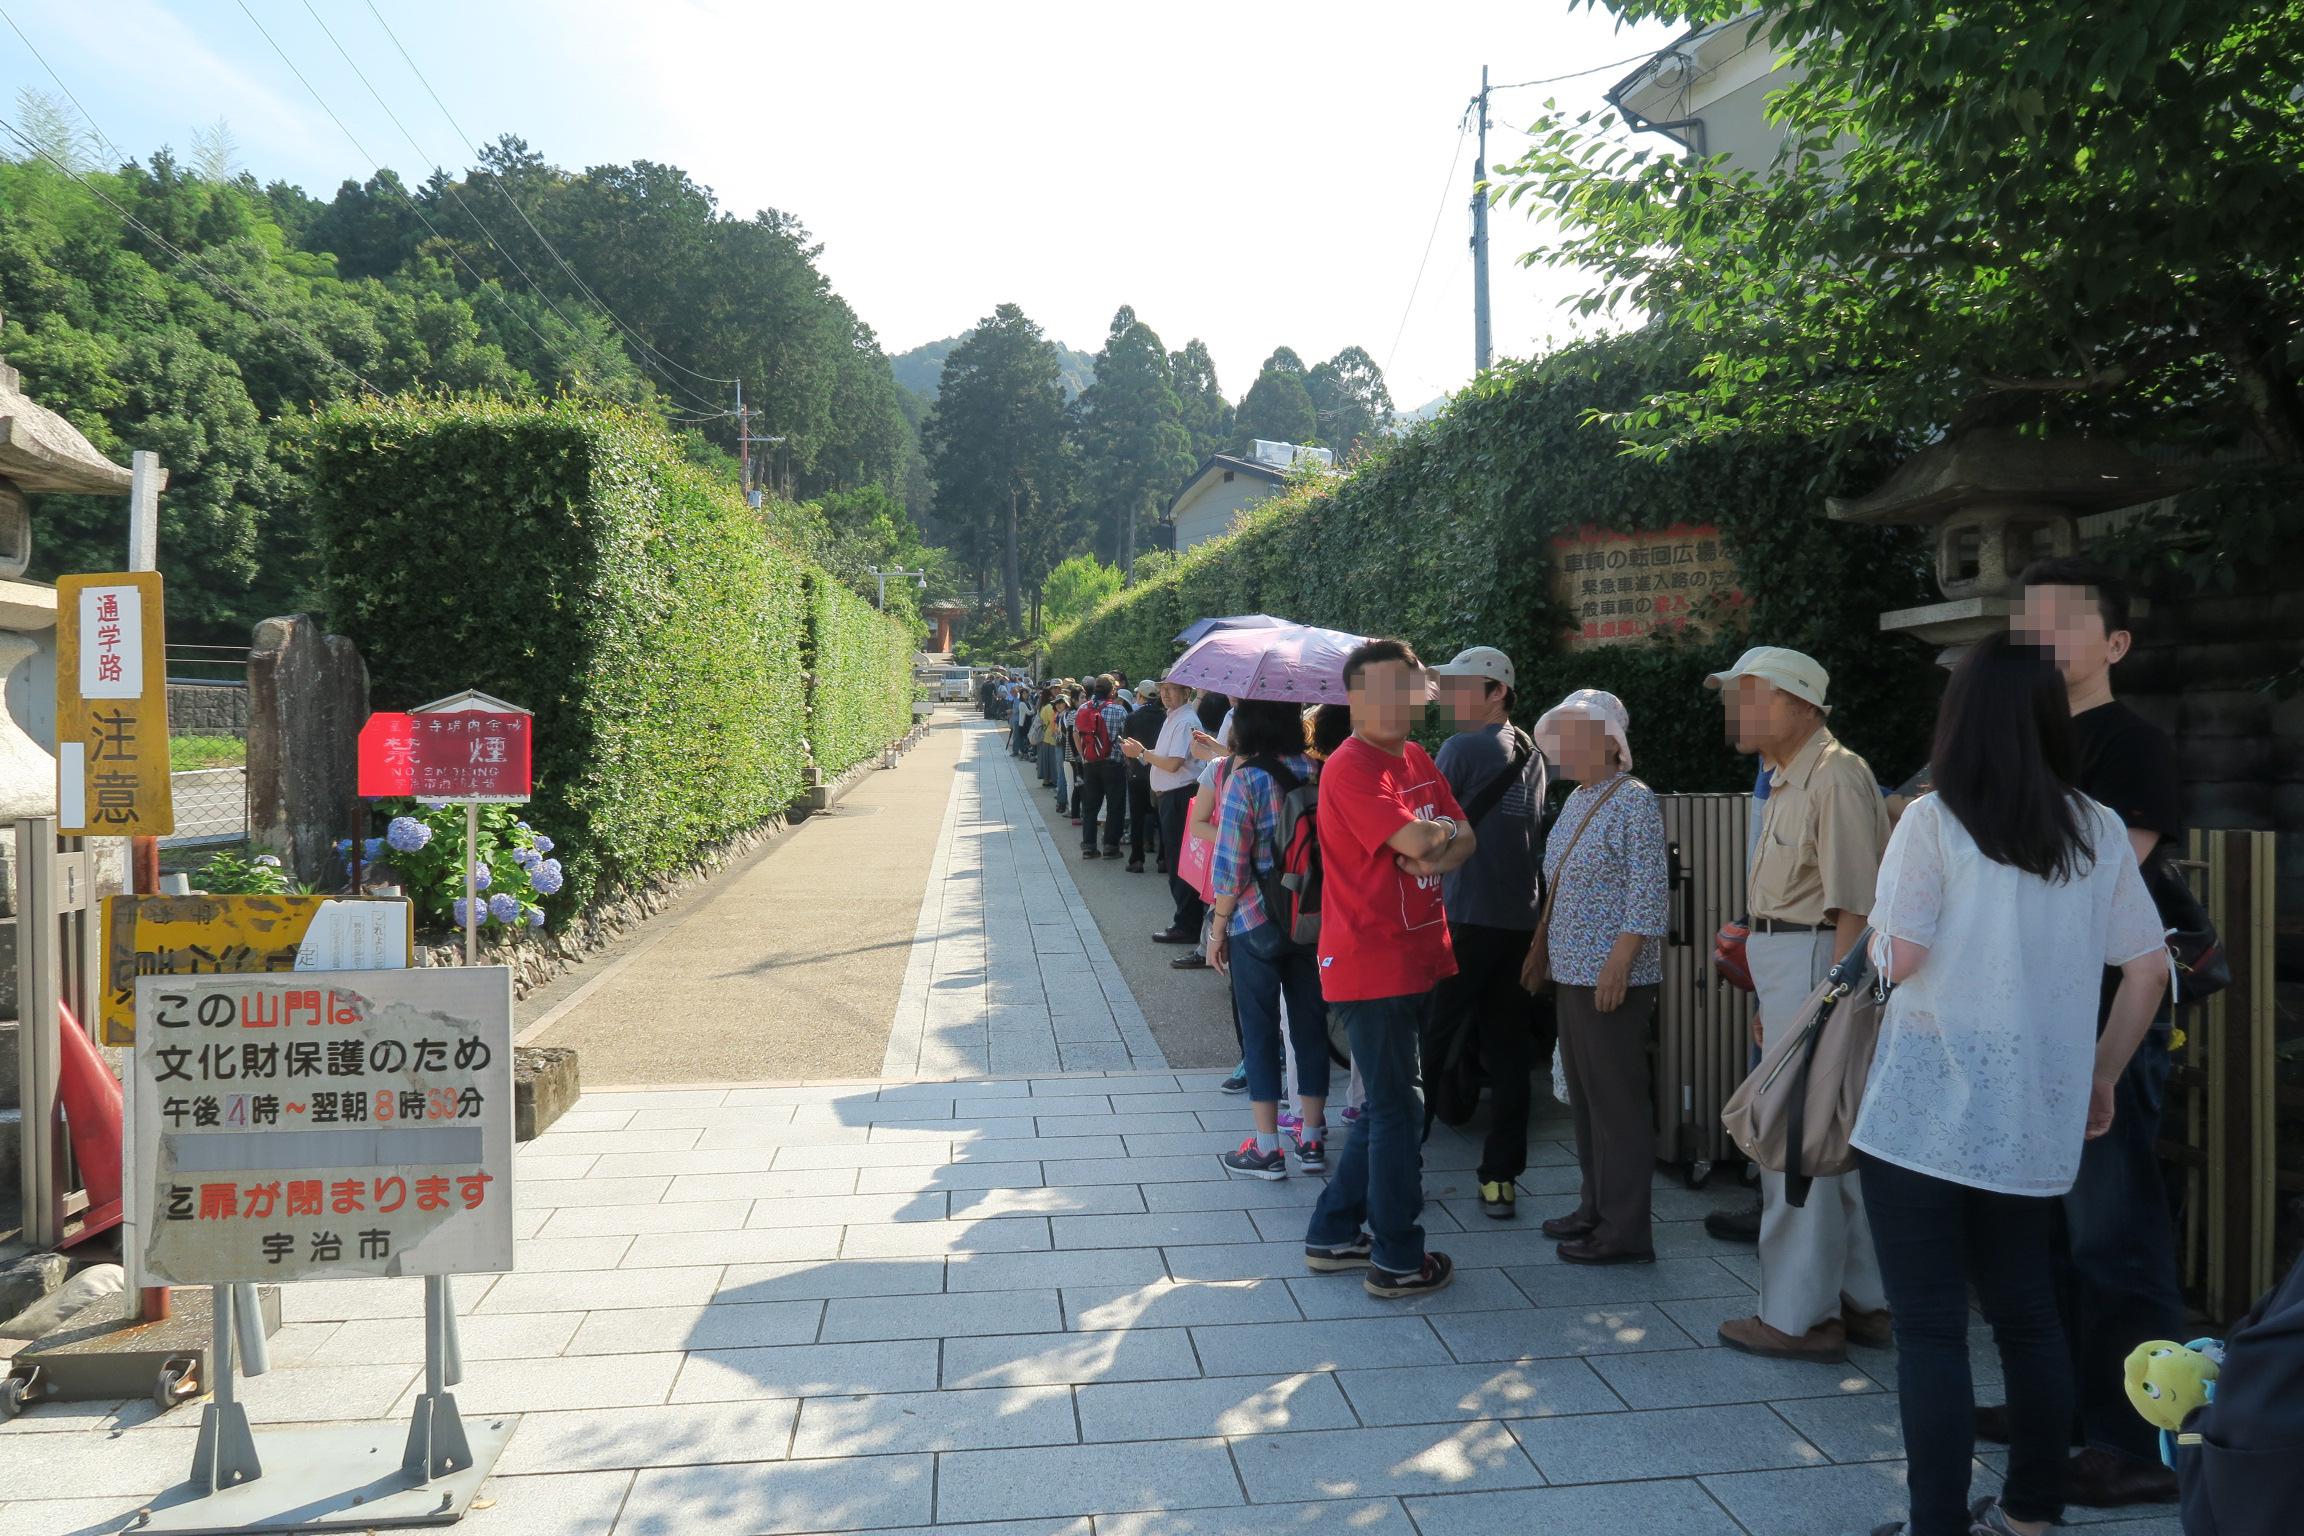 すでに長蛇の列が・・・。すごい人気ですね。